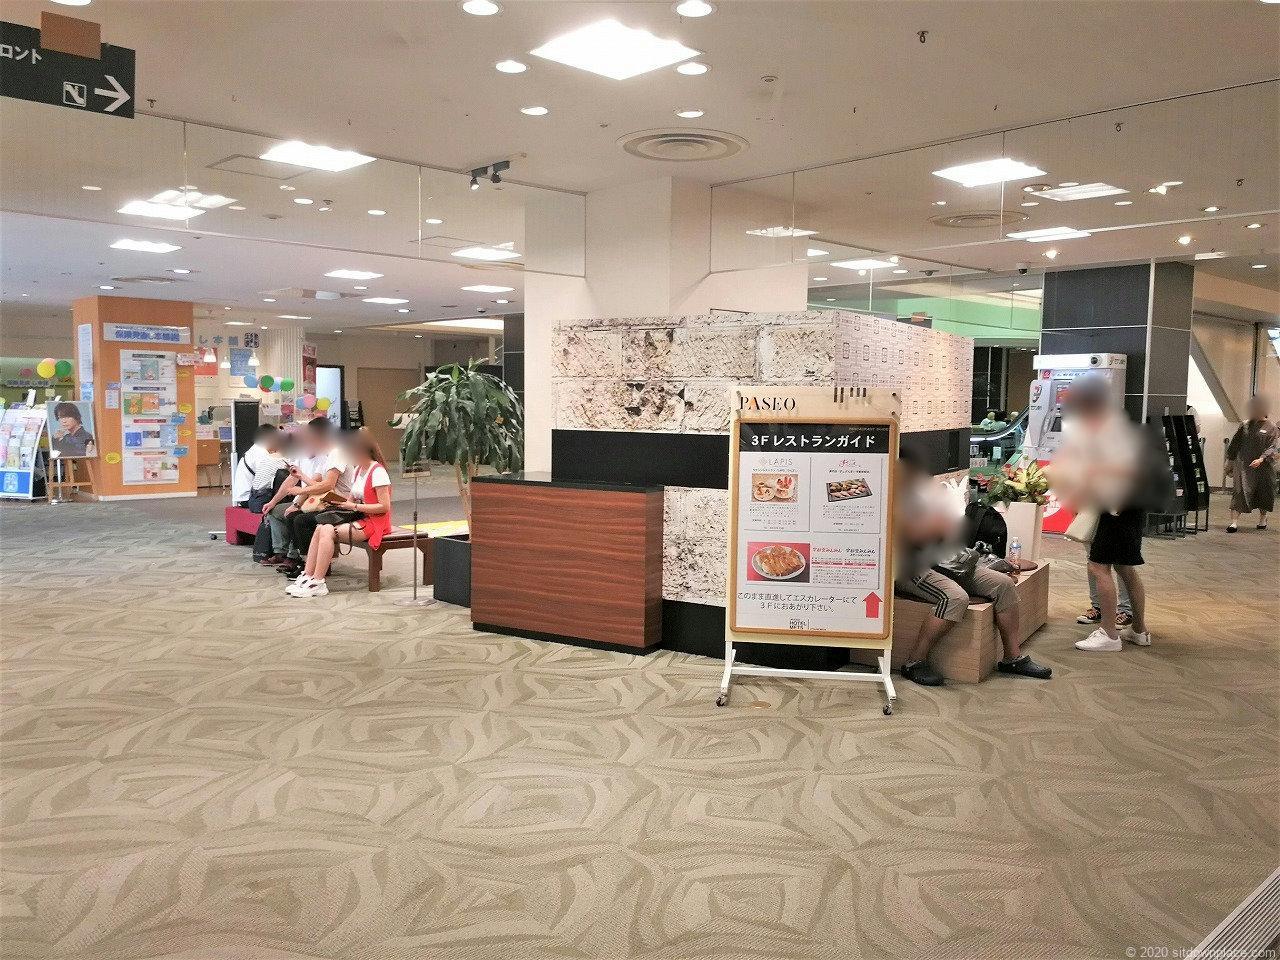 宇都宮駅パセオ2F ホテルメッツ側エスカレーター付近の休憩場所1